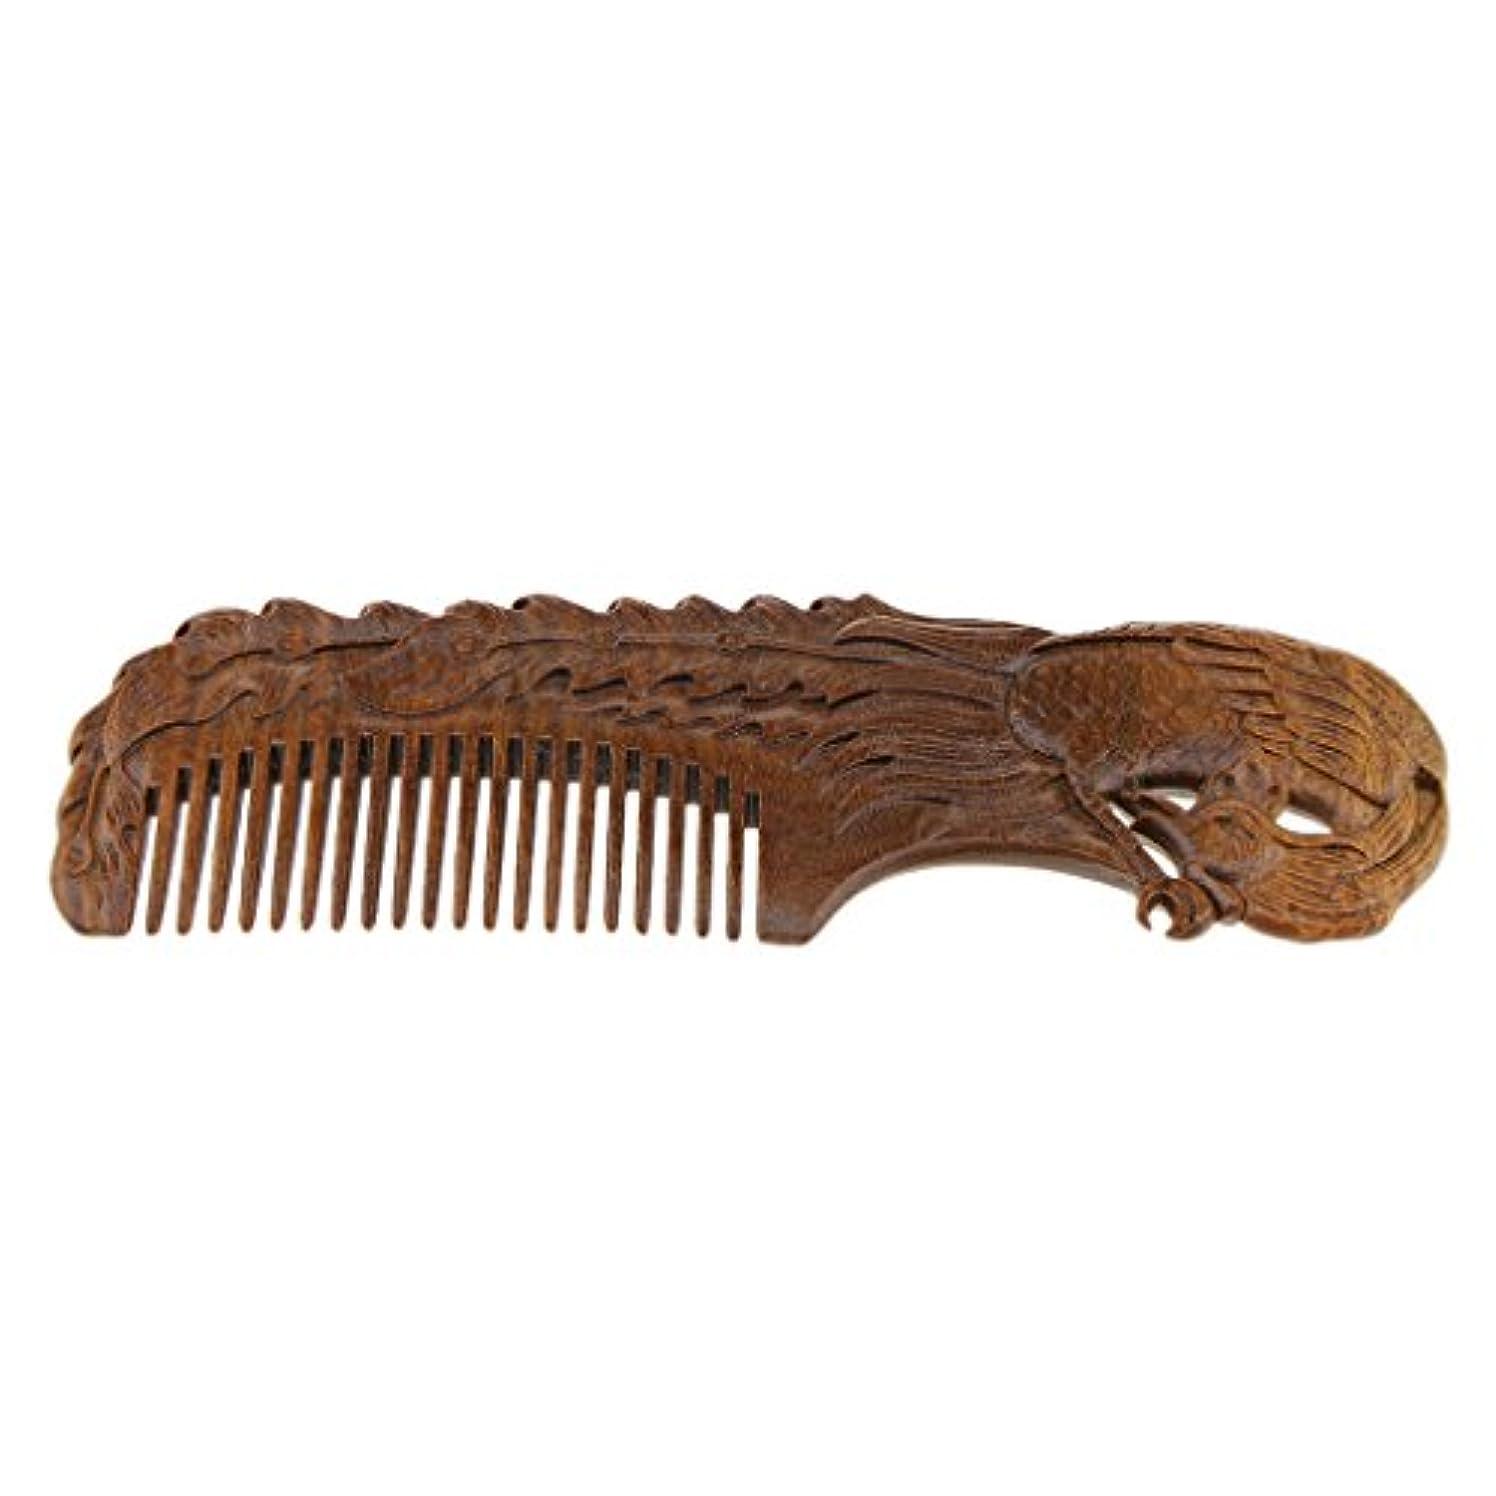 同性愛者ライター海外でウッドコーム 木製櫛 高品質 ナチュラル ワイド歯 ヘアブラシ ヘアスタイリング デタングリングコーム 2タイプ - Phoenix